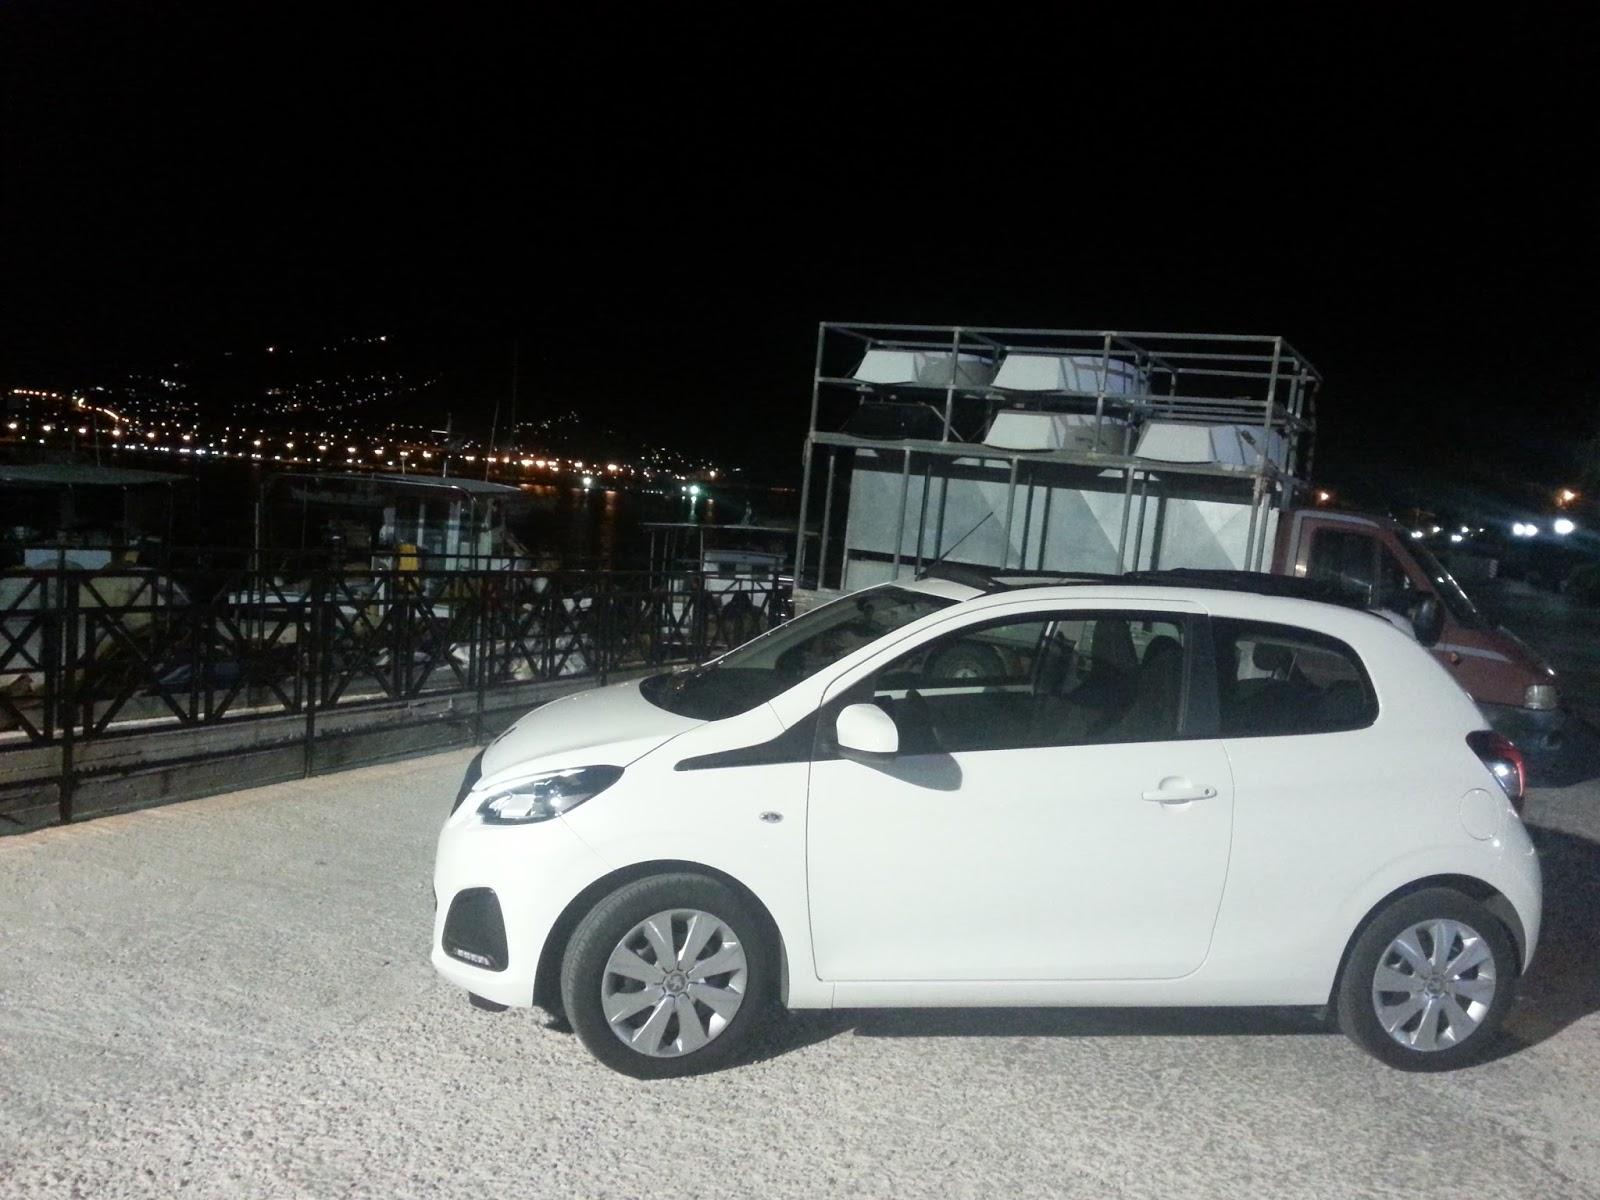 f2 Χιλιάρι Peugeot 108 χωρίς οροφή: Λέει;